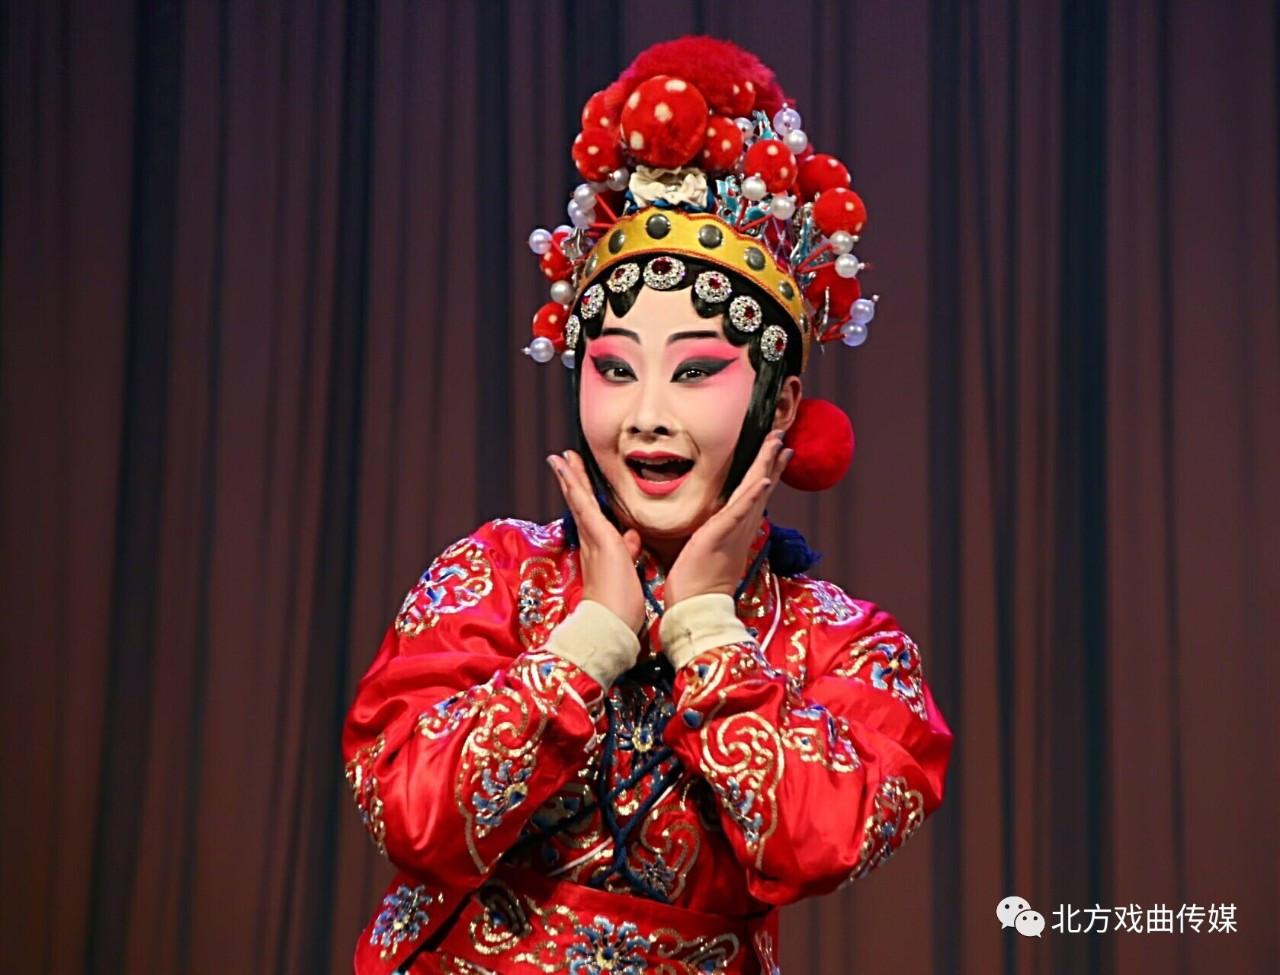 拾里桃花婚尚周 在北京平谷区拉开序幕_手机搜狐网